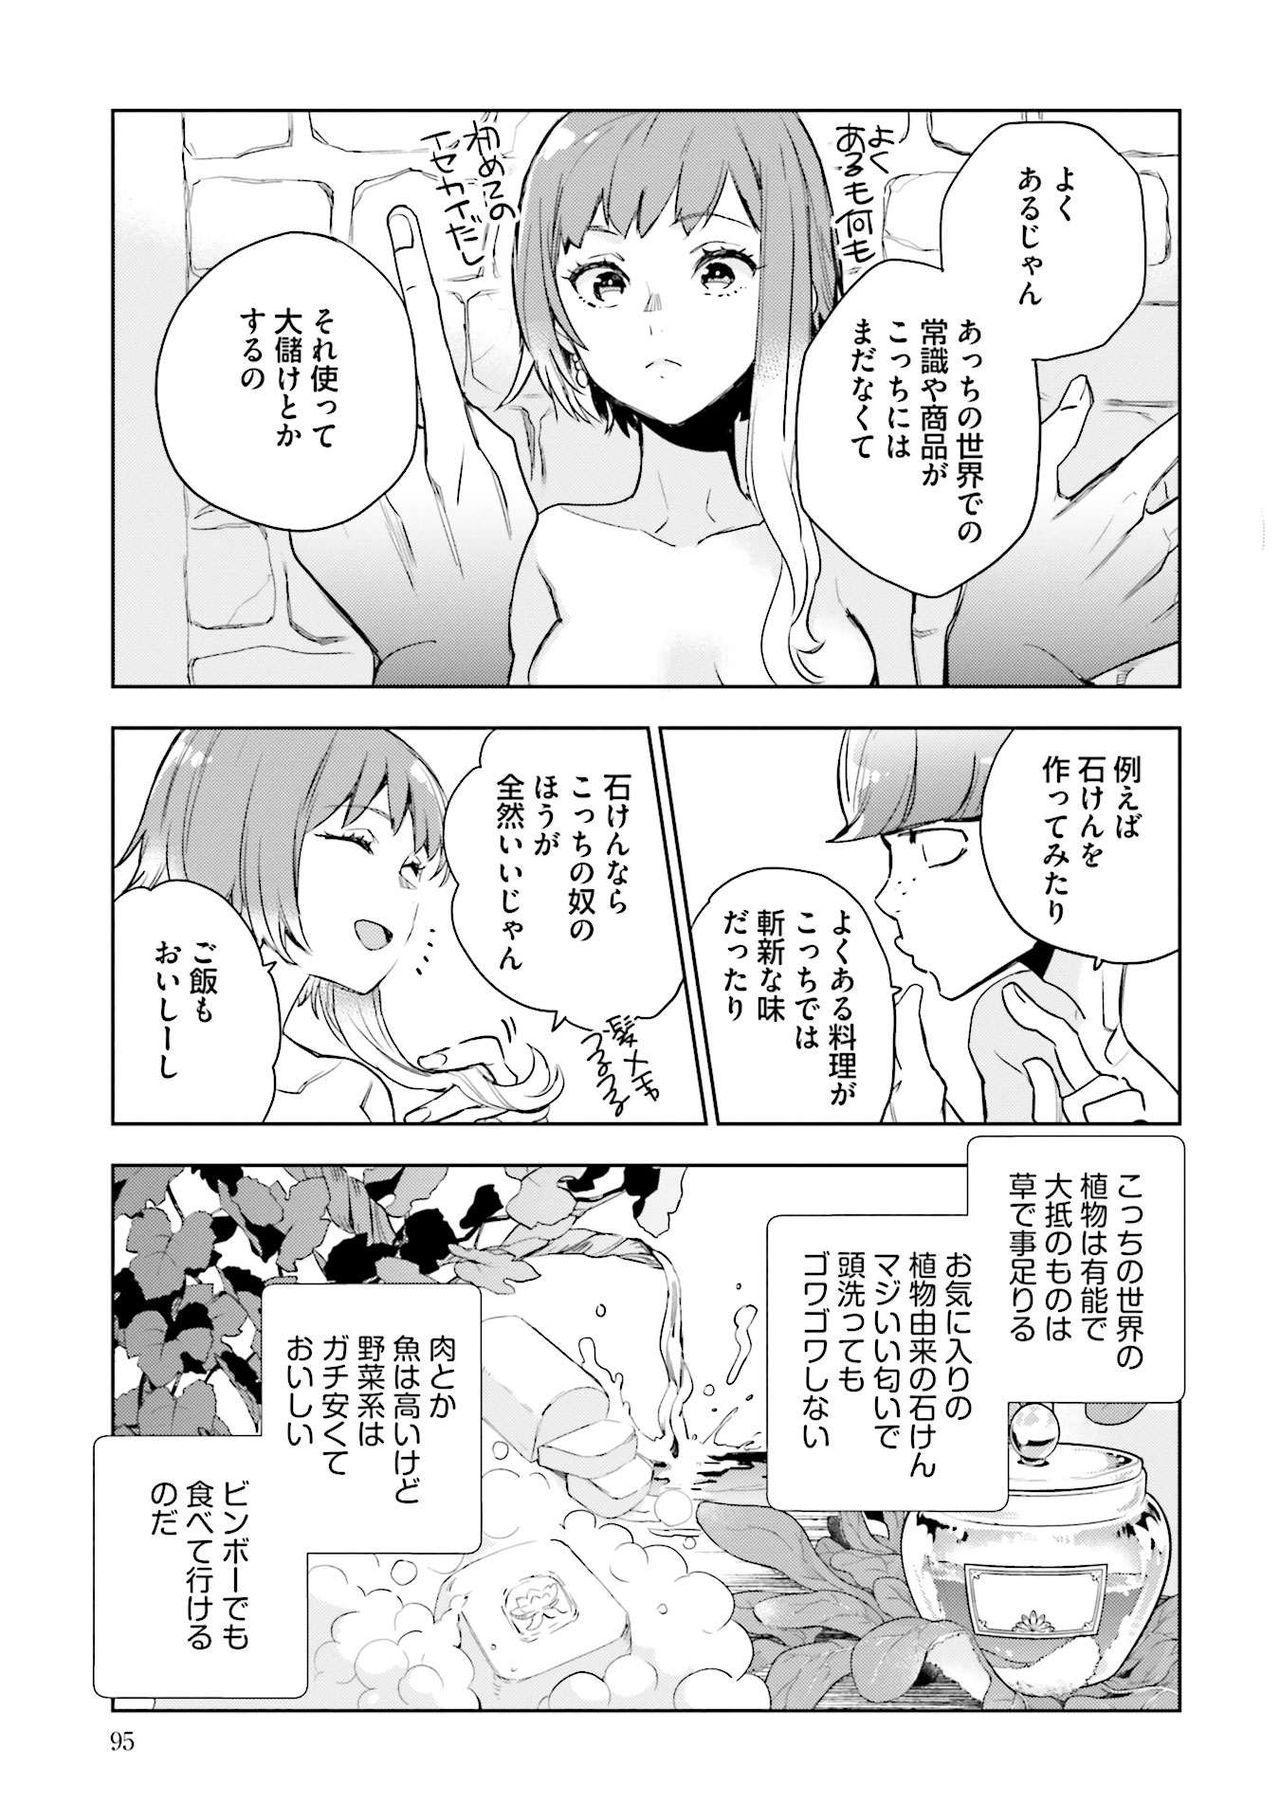 JK Haru wa Isekai de Shoufu ni Natta 1-14 96